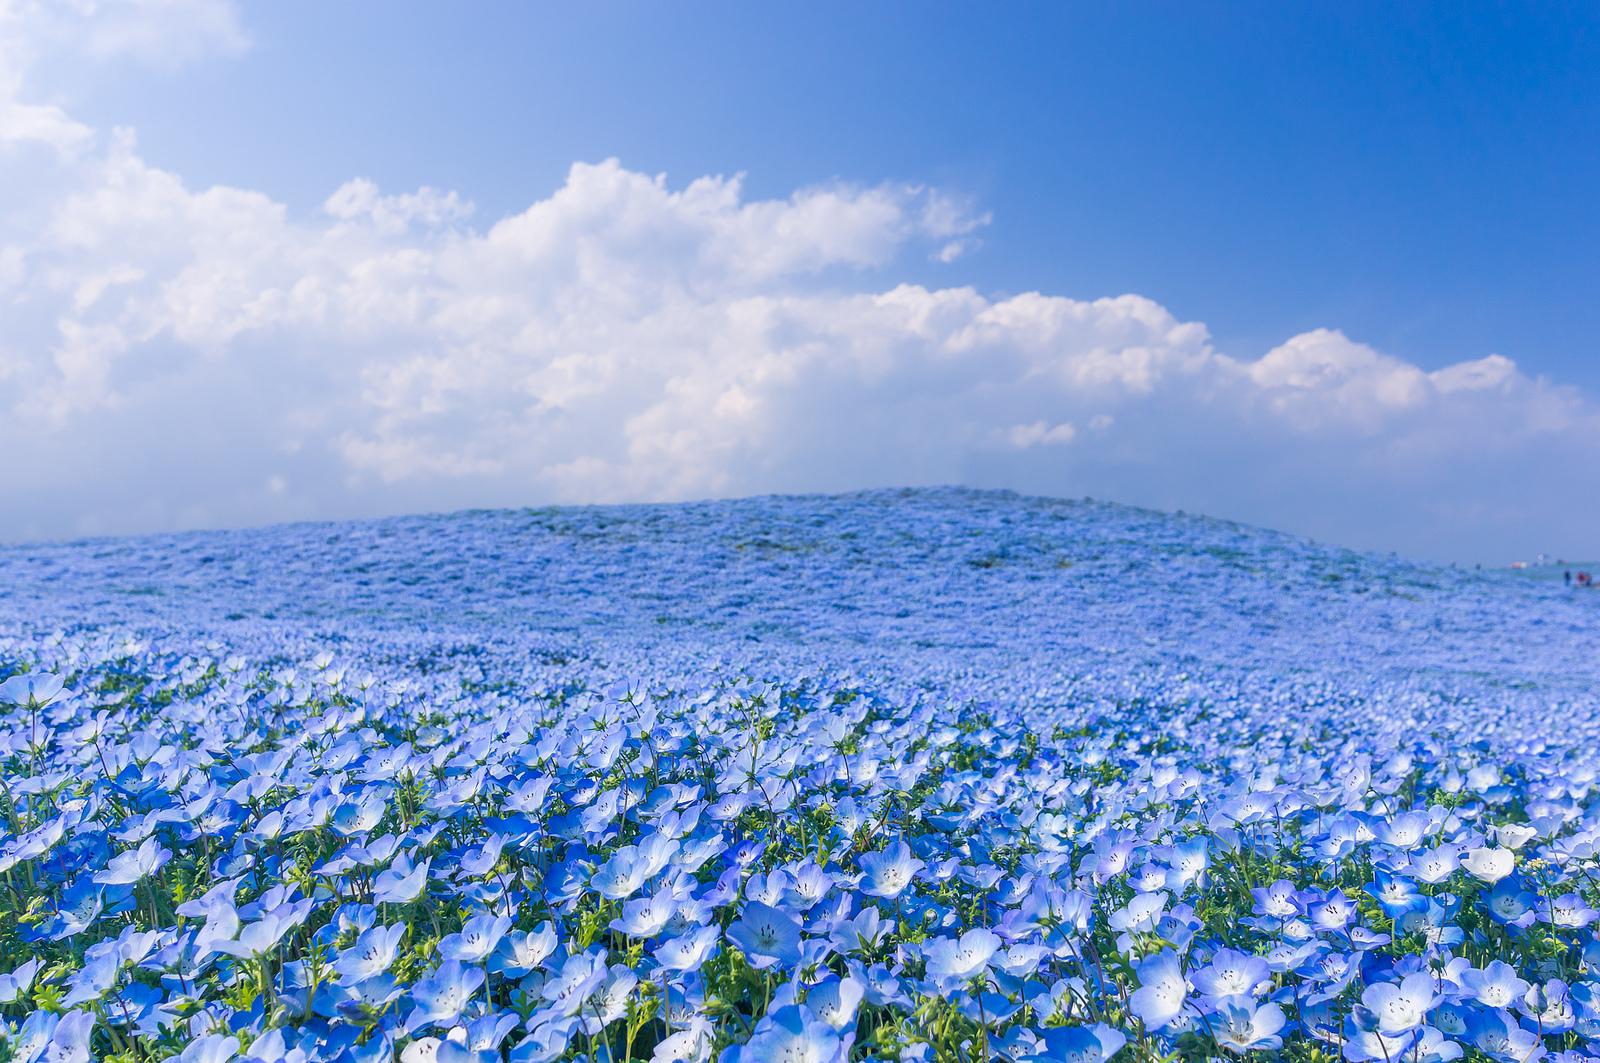 И целое море цветов…